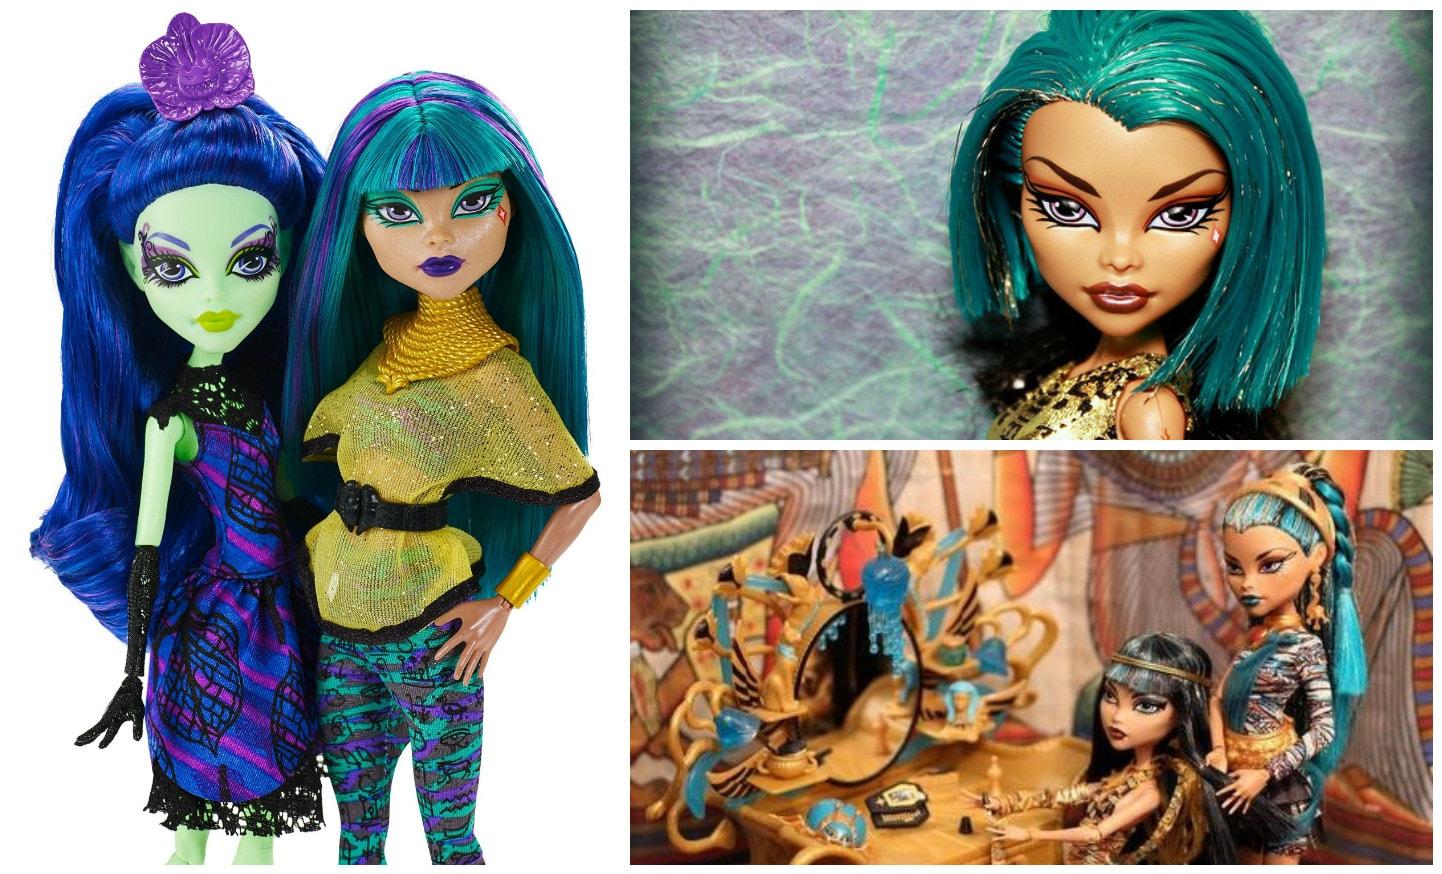 Кукла Нефера де нил в Магии кукол